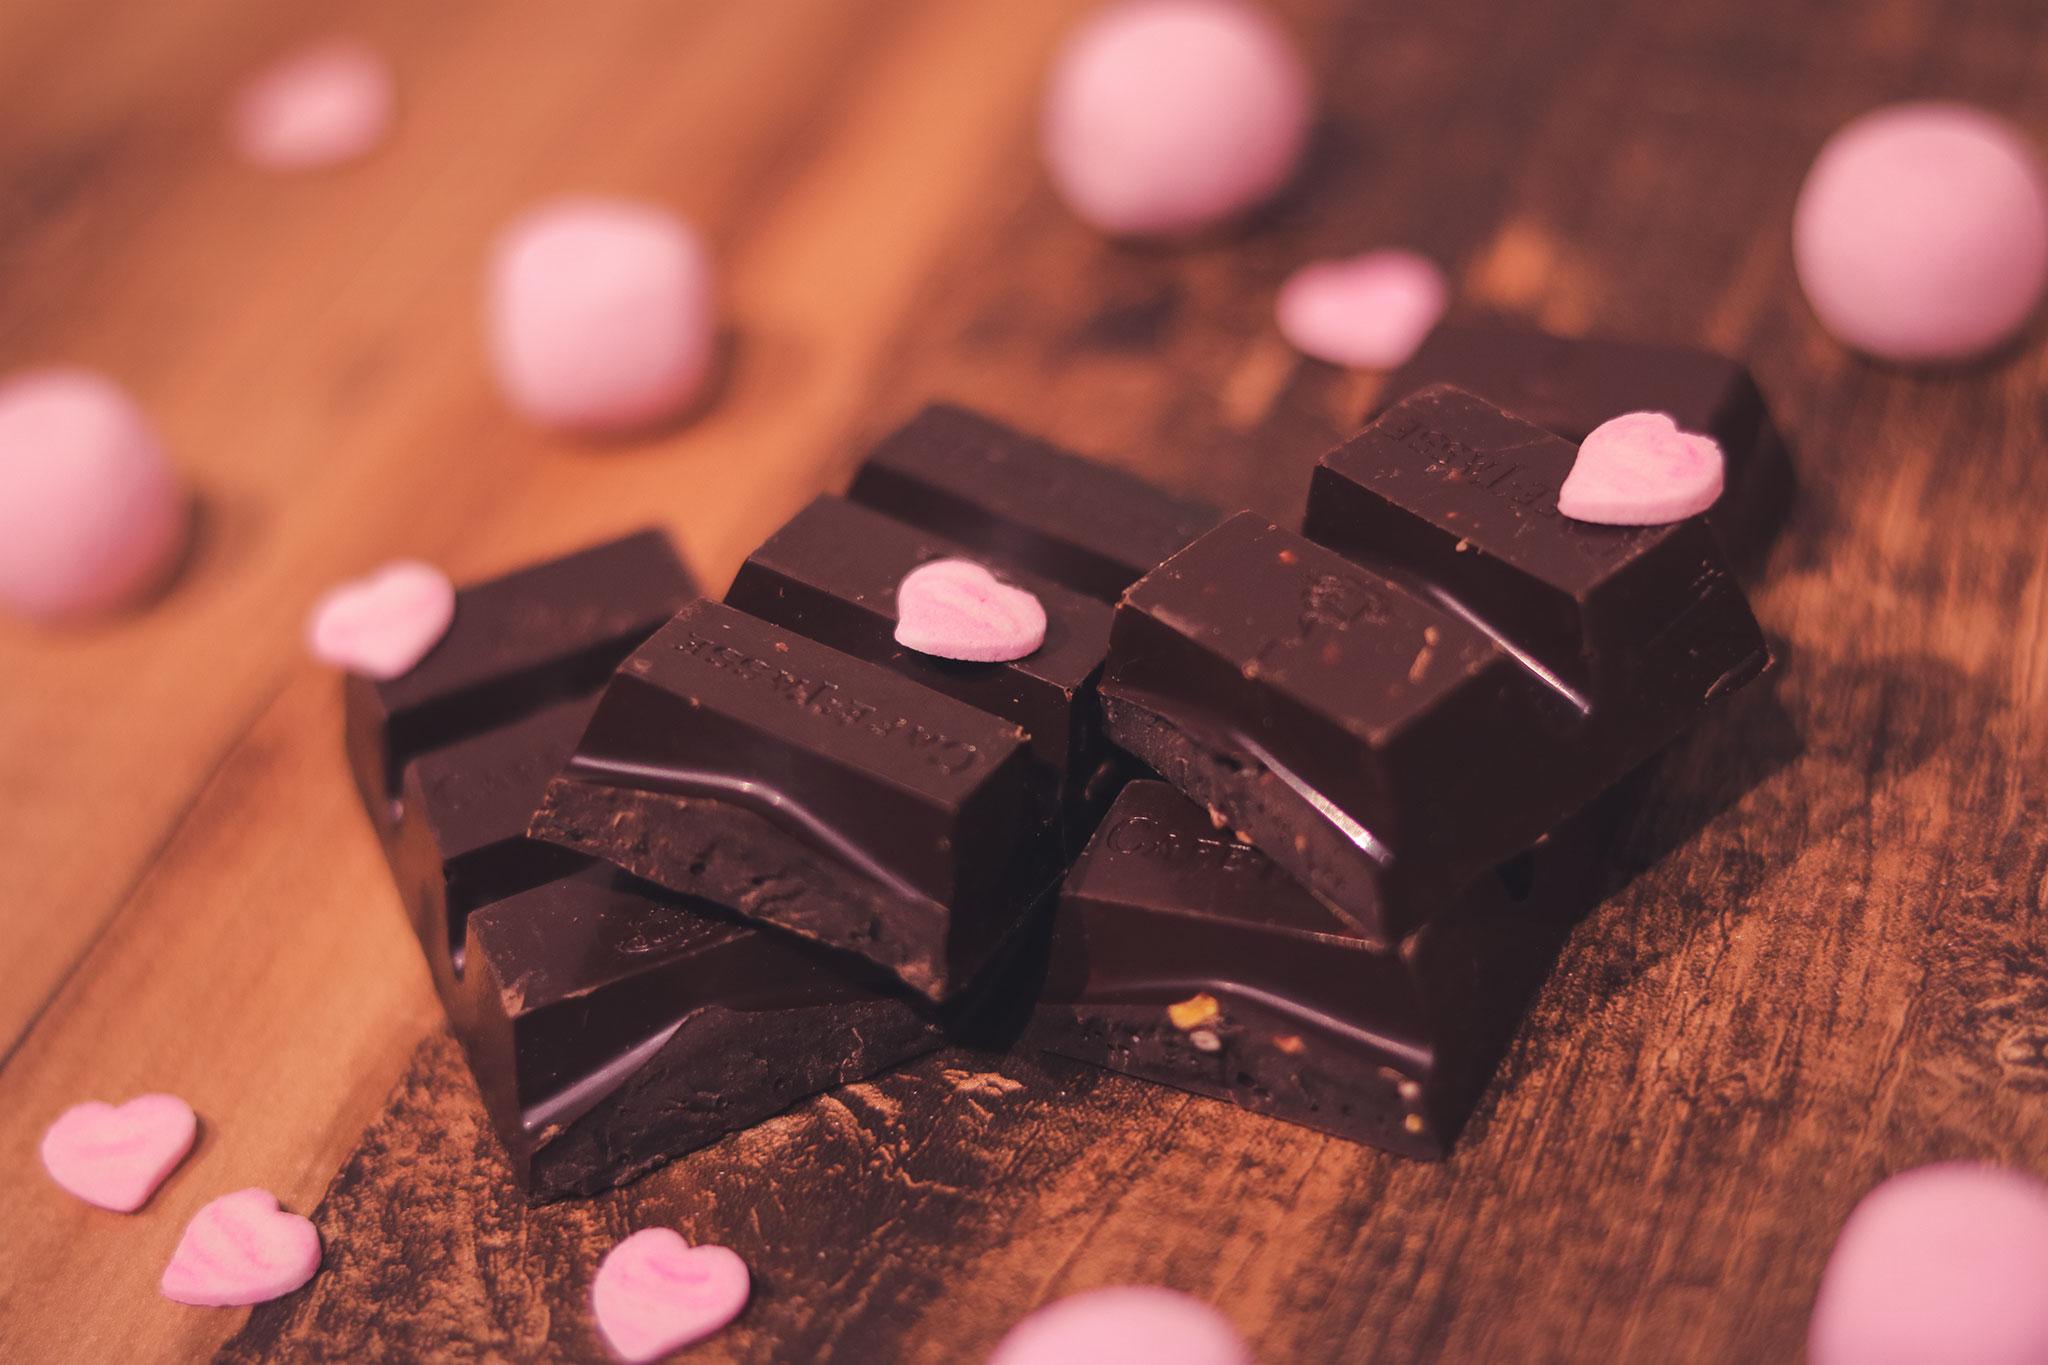 バレンタイン2019はセリアのラッピング用品で可愛くおしゃれにデコる